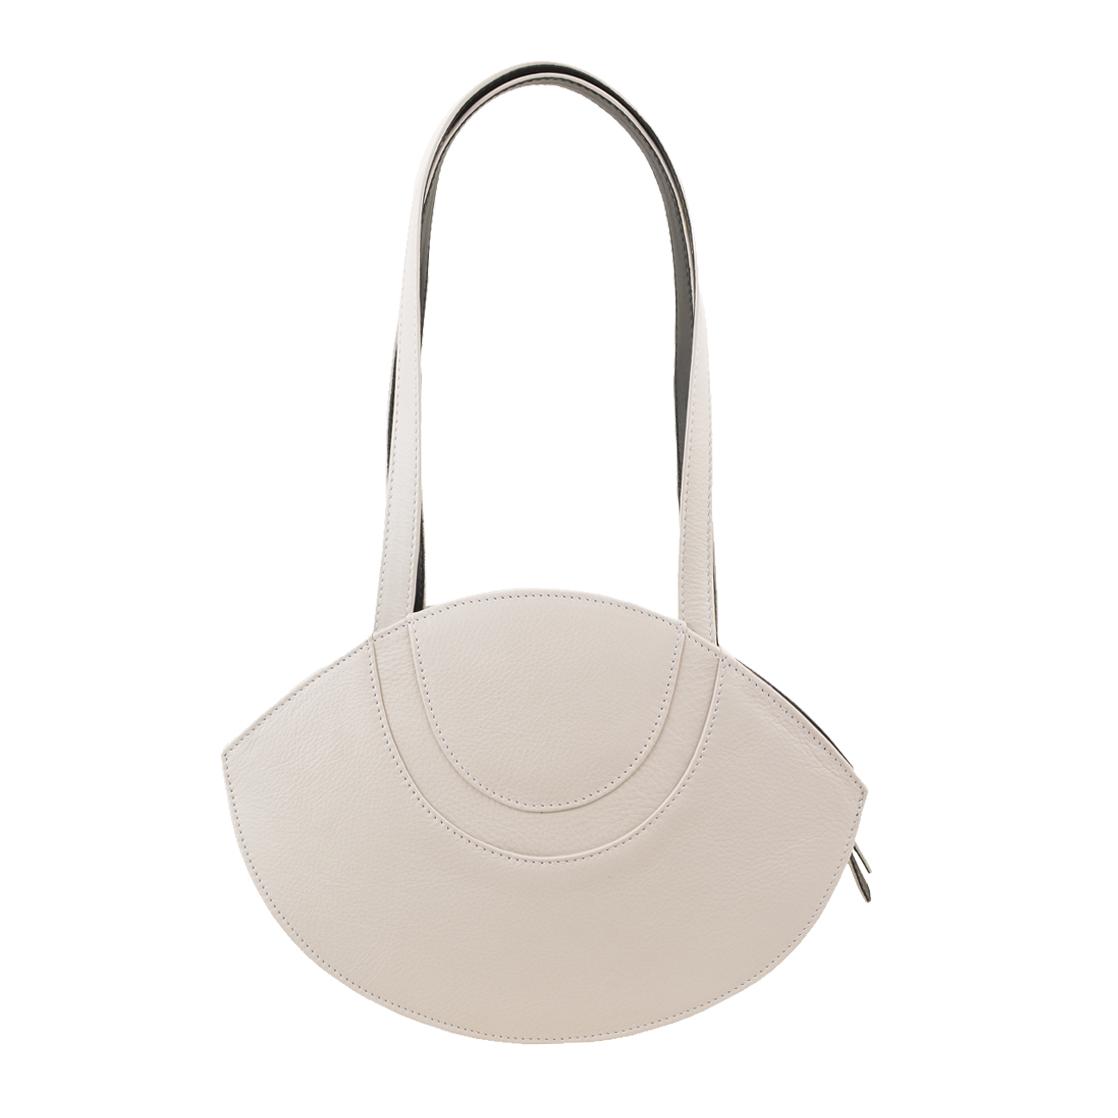 Sasha Polvere Leather Shoulder Bag